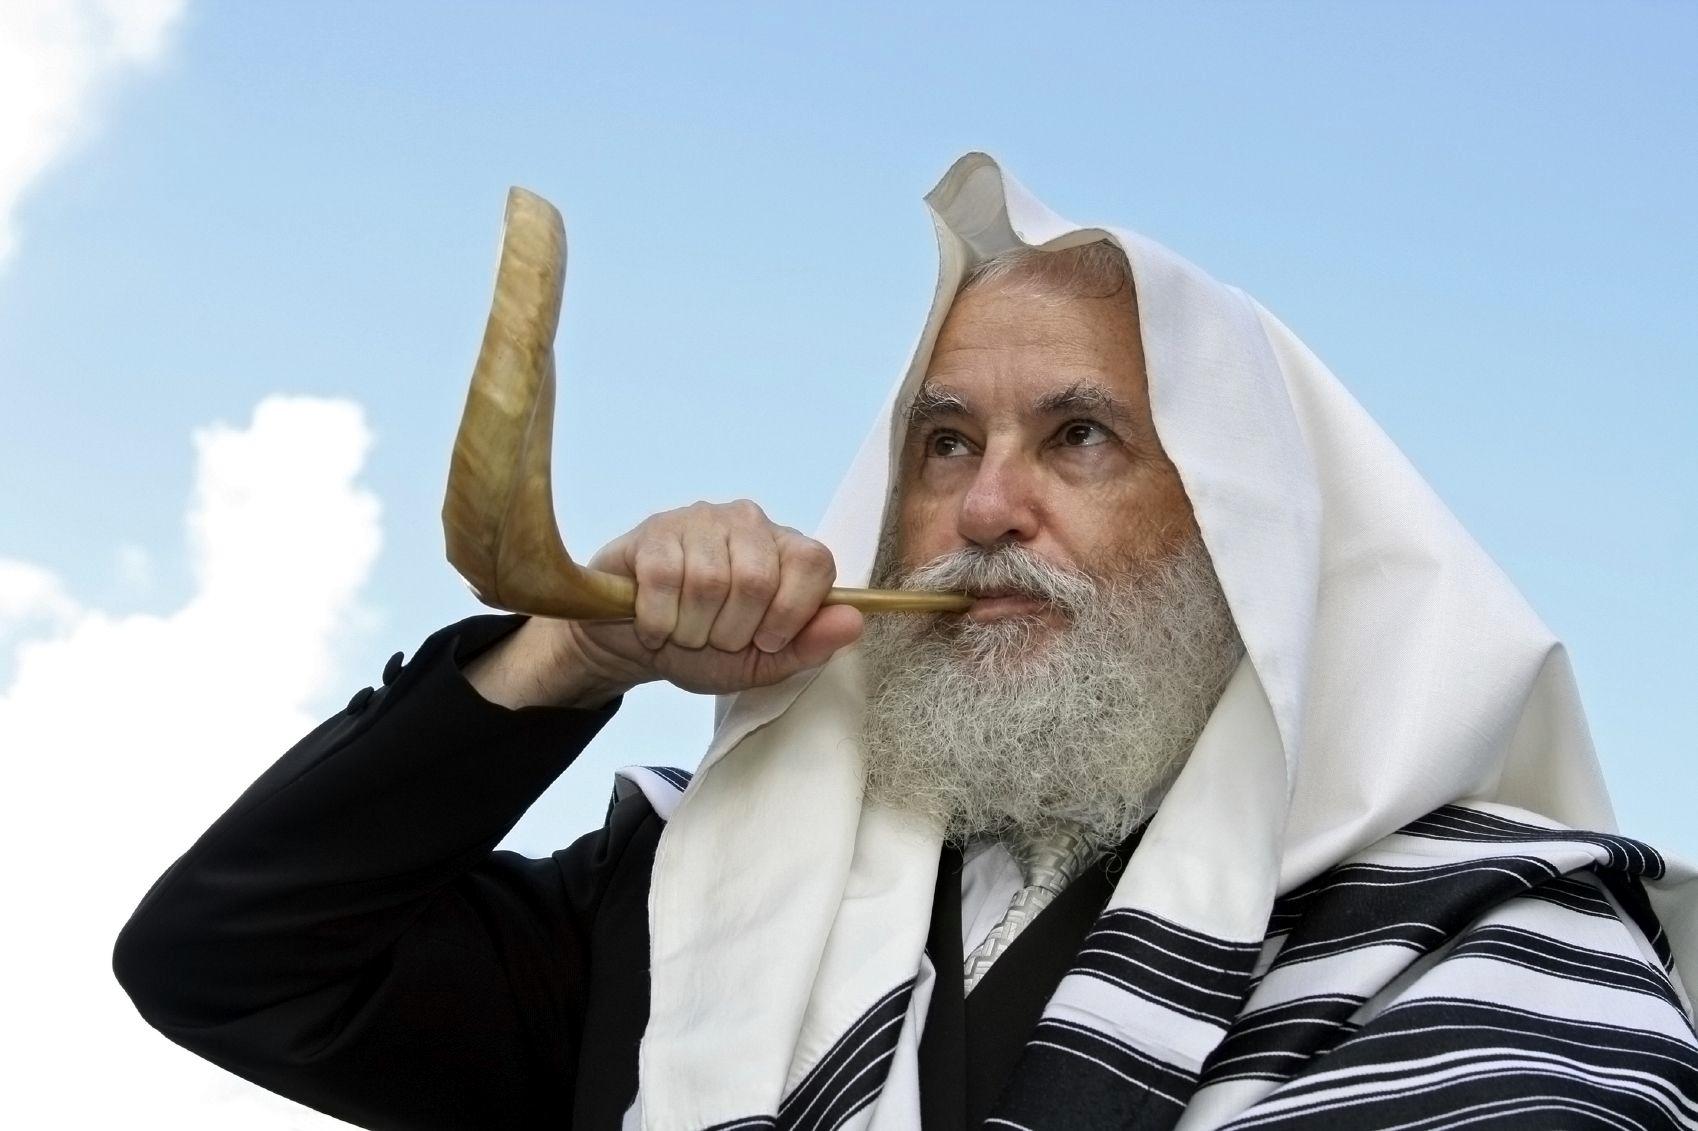 Rabbi-shofar-Yom Kippur-Day of Atonement-tallit